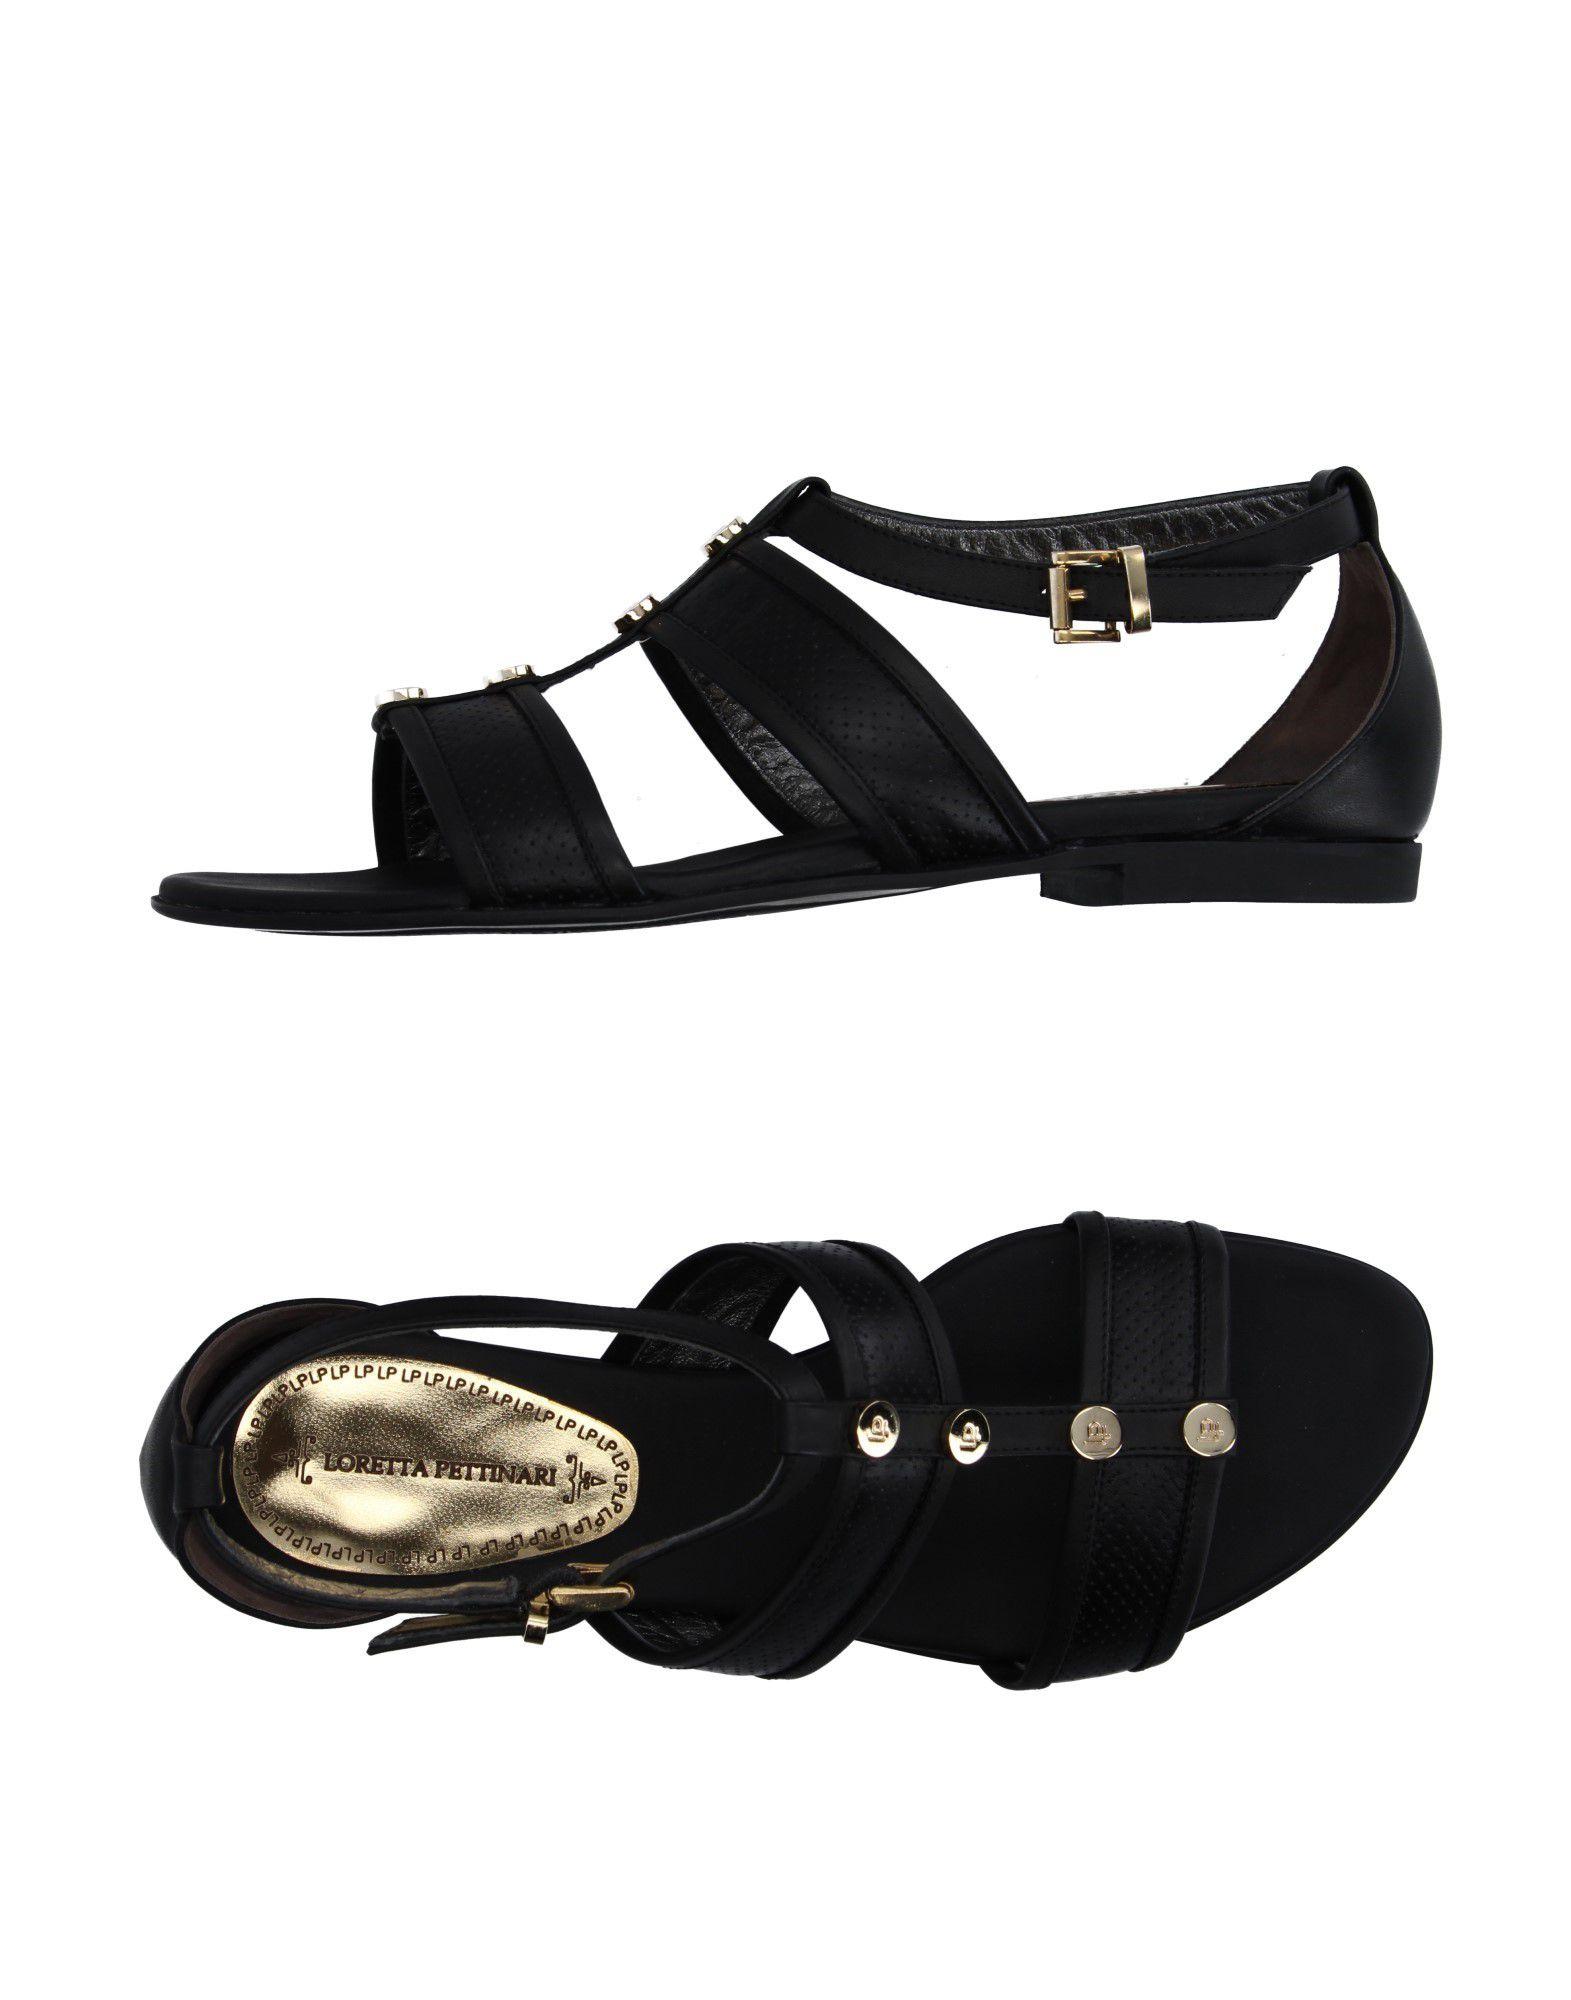 Loretta Pettinari Sandalen Damen Damen Damen  11151483TD Gute Qualität beliebte Schuhe 2d0052